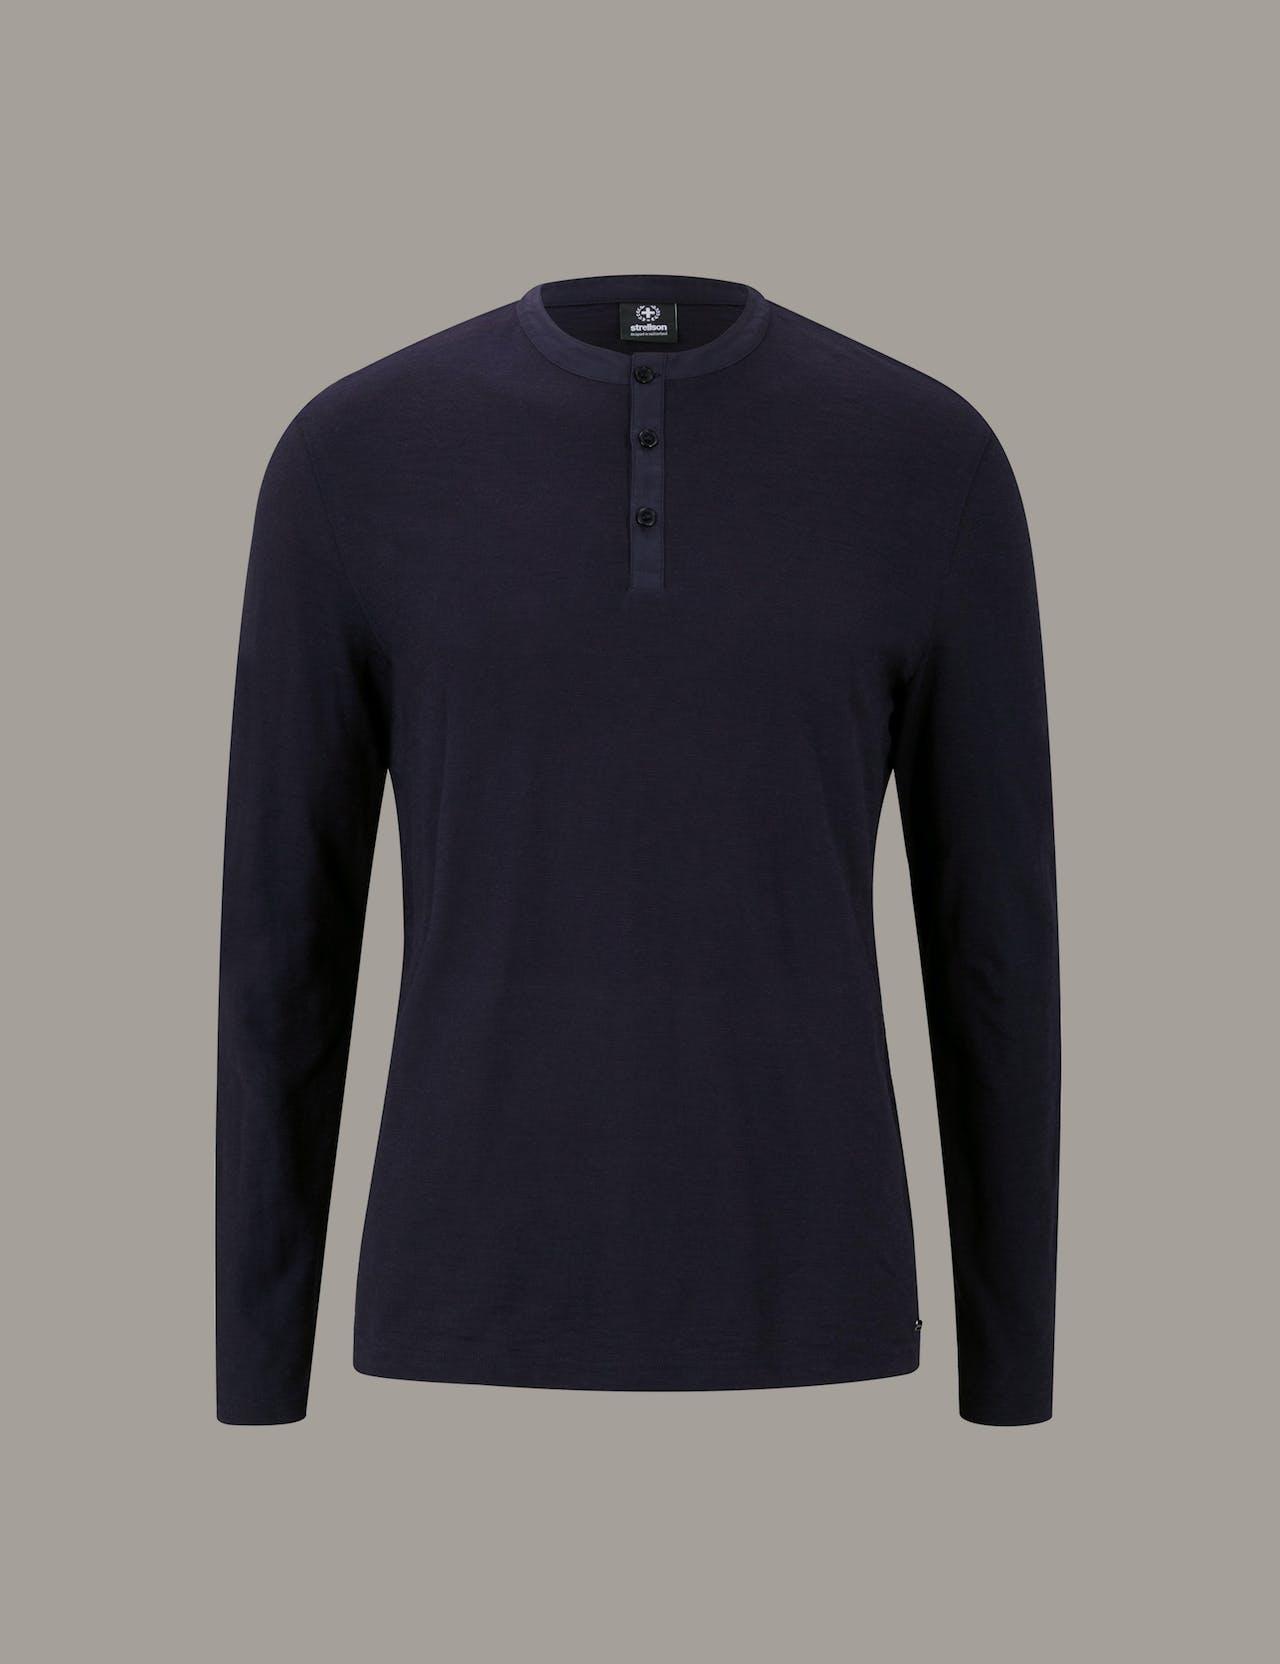 T-shirt Dorian, en bleu marine